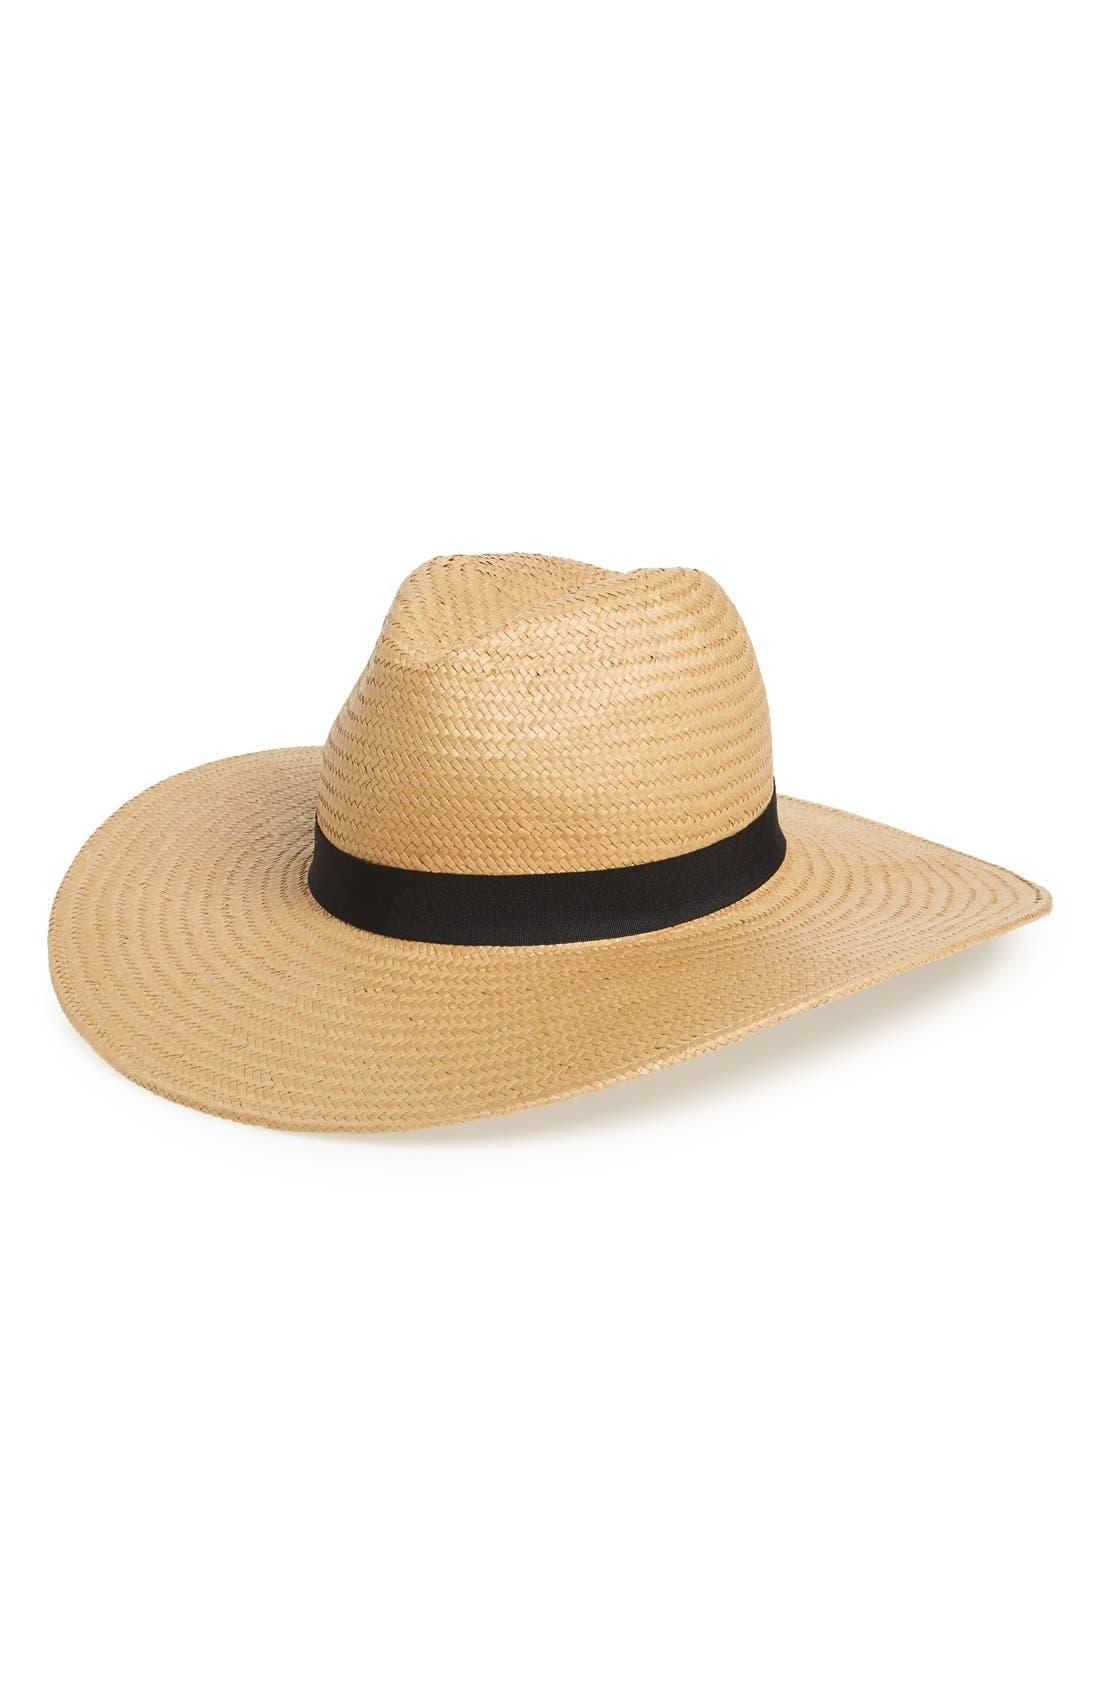 Main Image - Phase 3 Straw Panama Hat